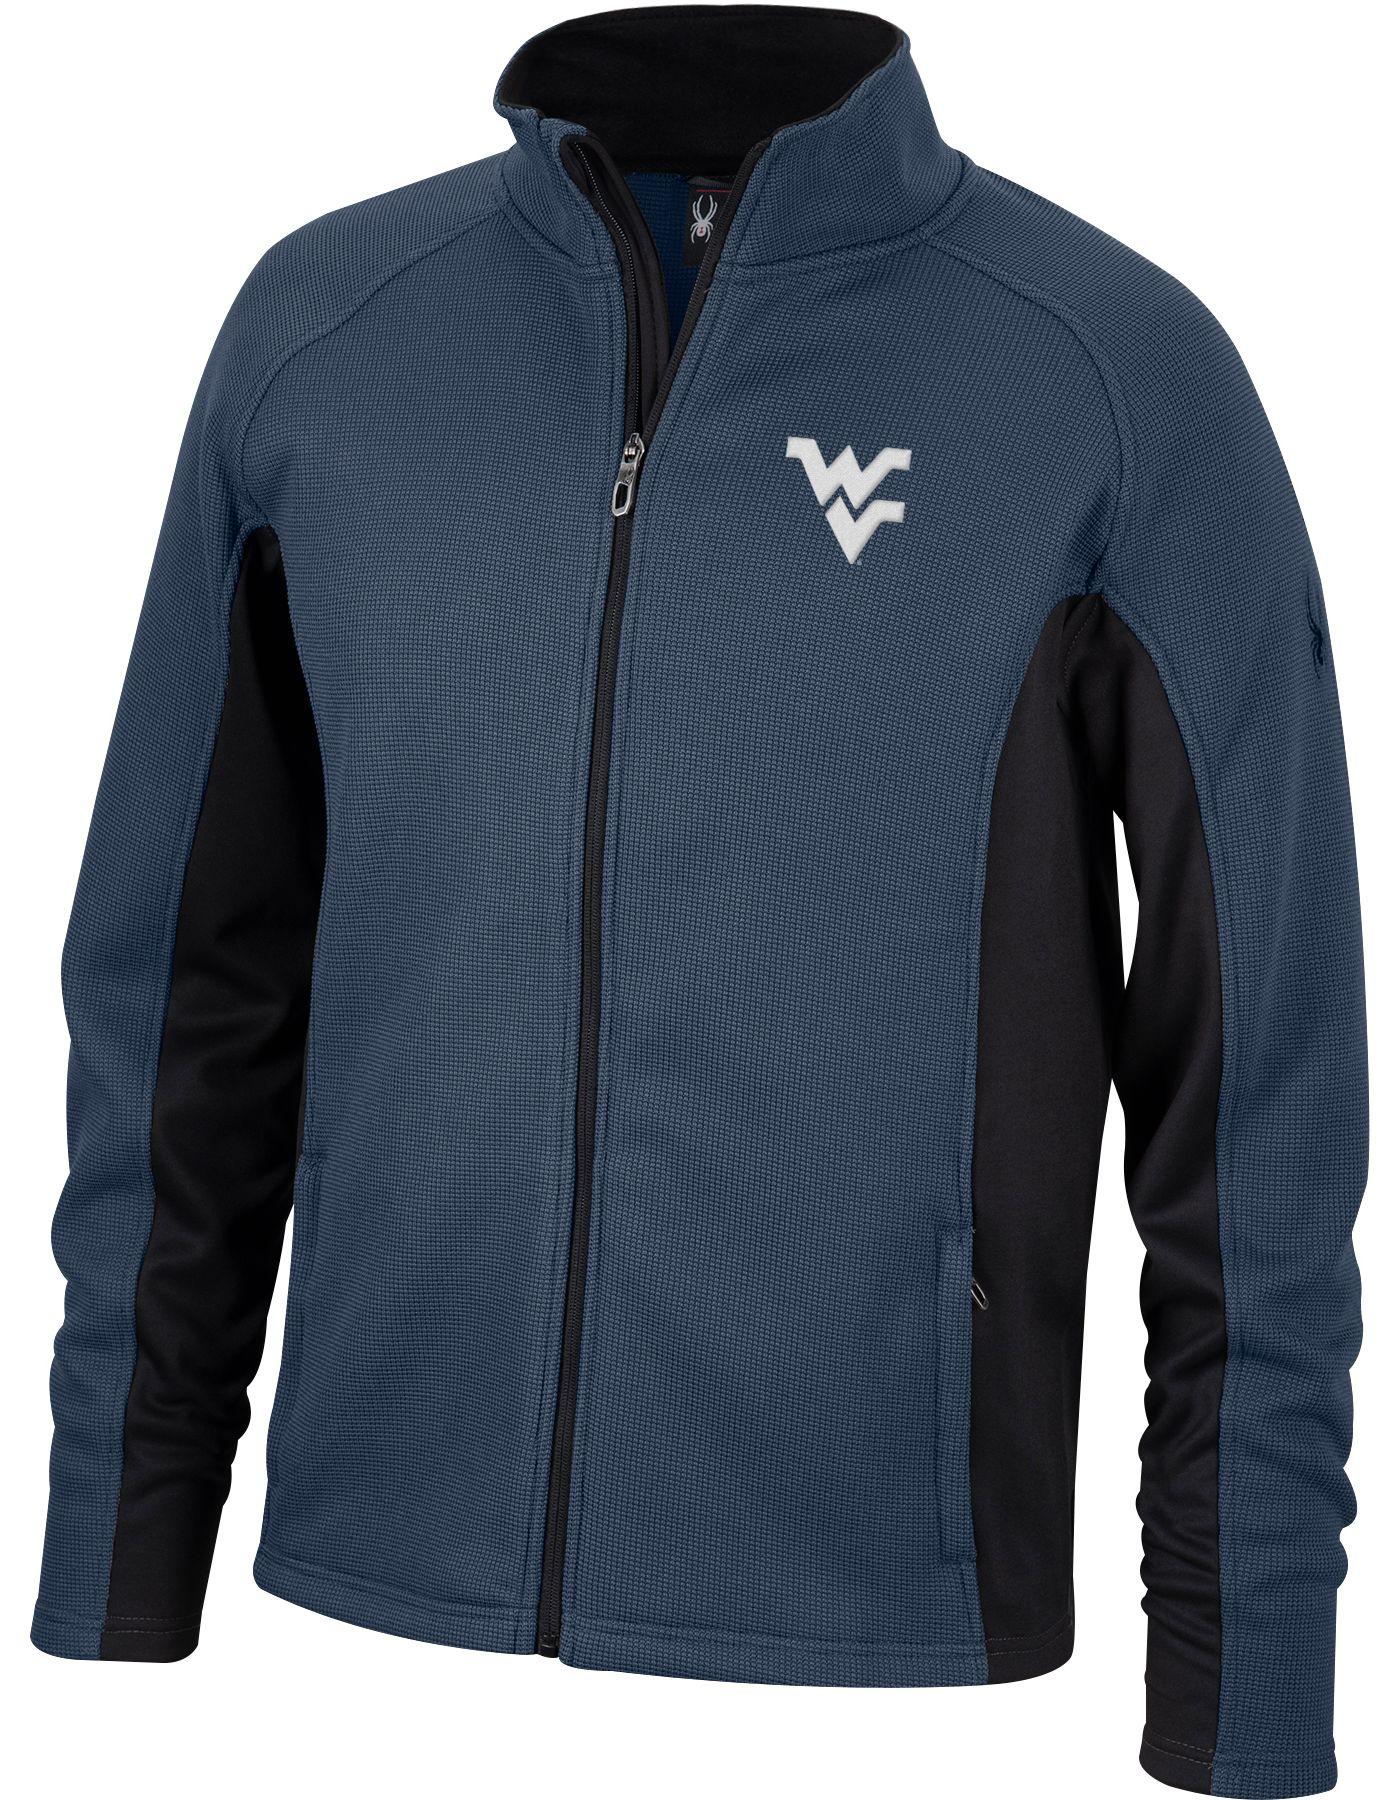 Spyder Men's West Virginia Mountaineers Blue Constant Full-Zip Fleece Jacket